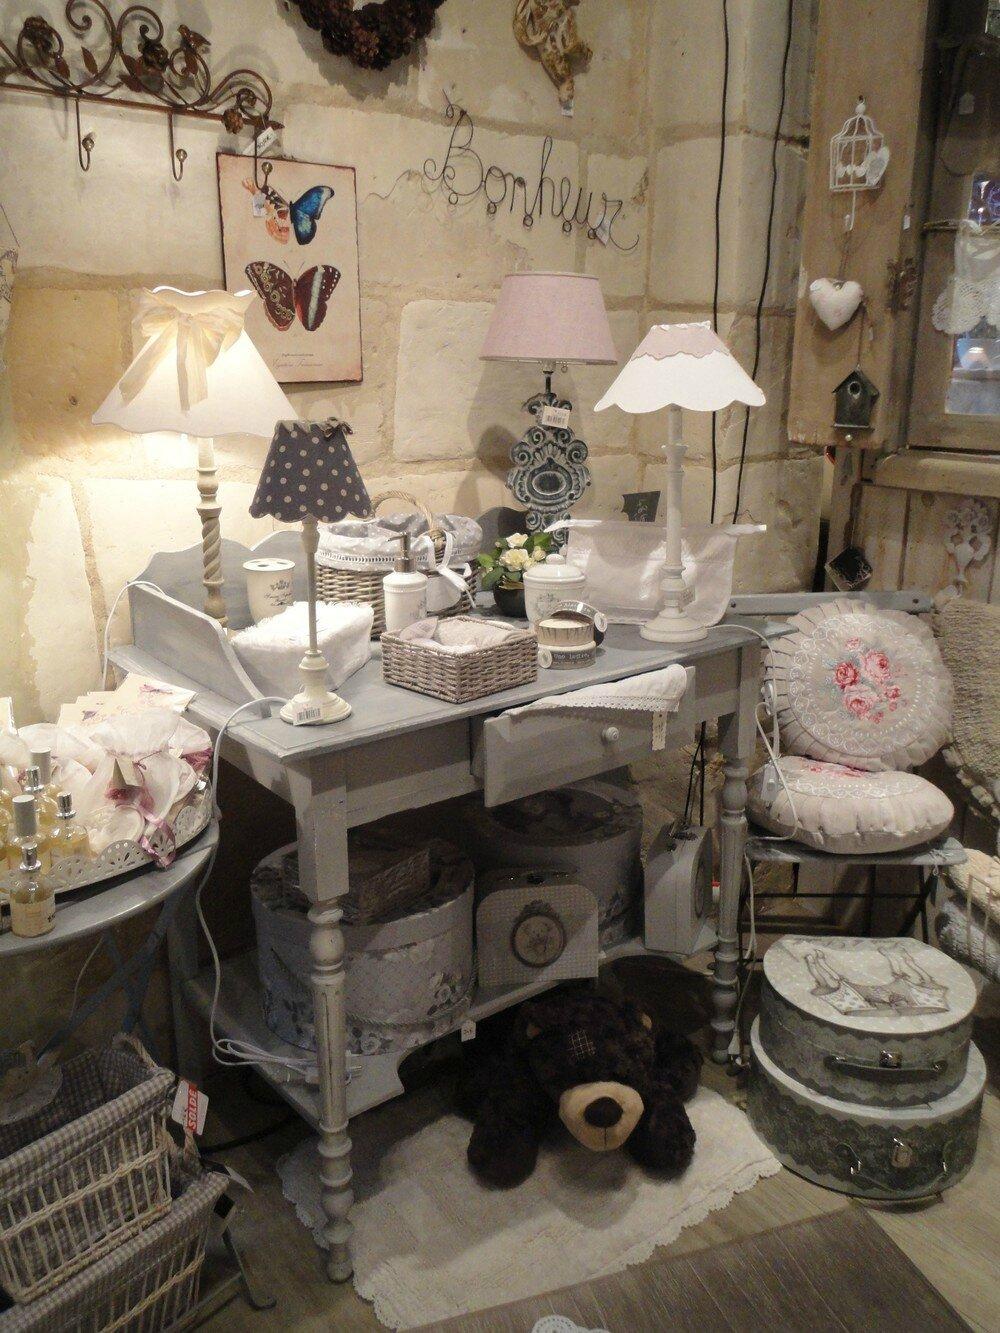 boutique charme d 39 antan toutes les photos sur boutique charme d 39 antan charme d 39 antan. Black Bedroom Furniture Sets. Home Design Ideas